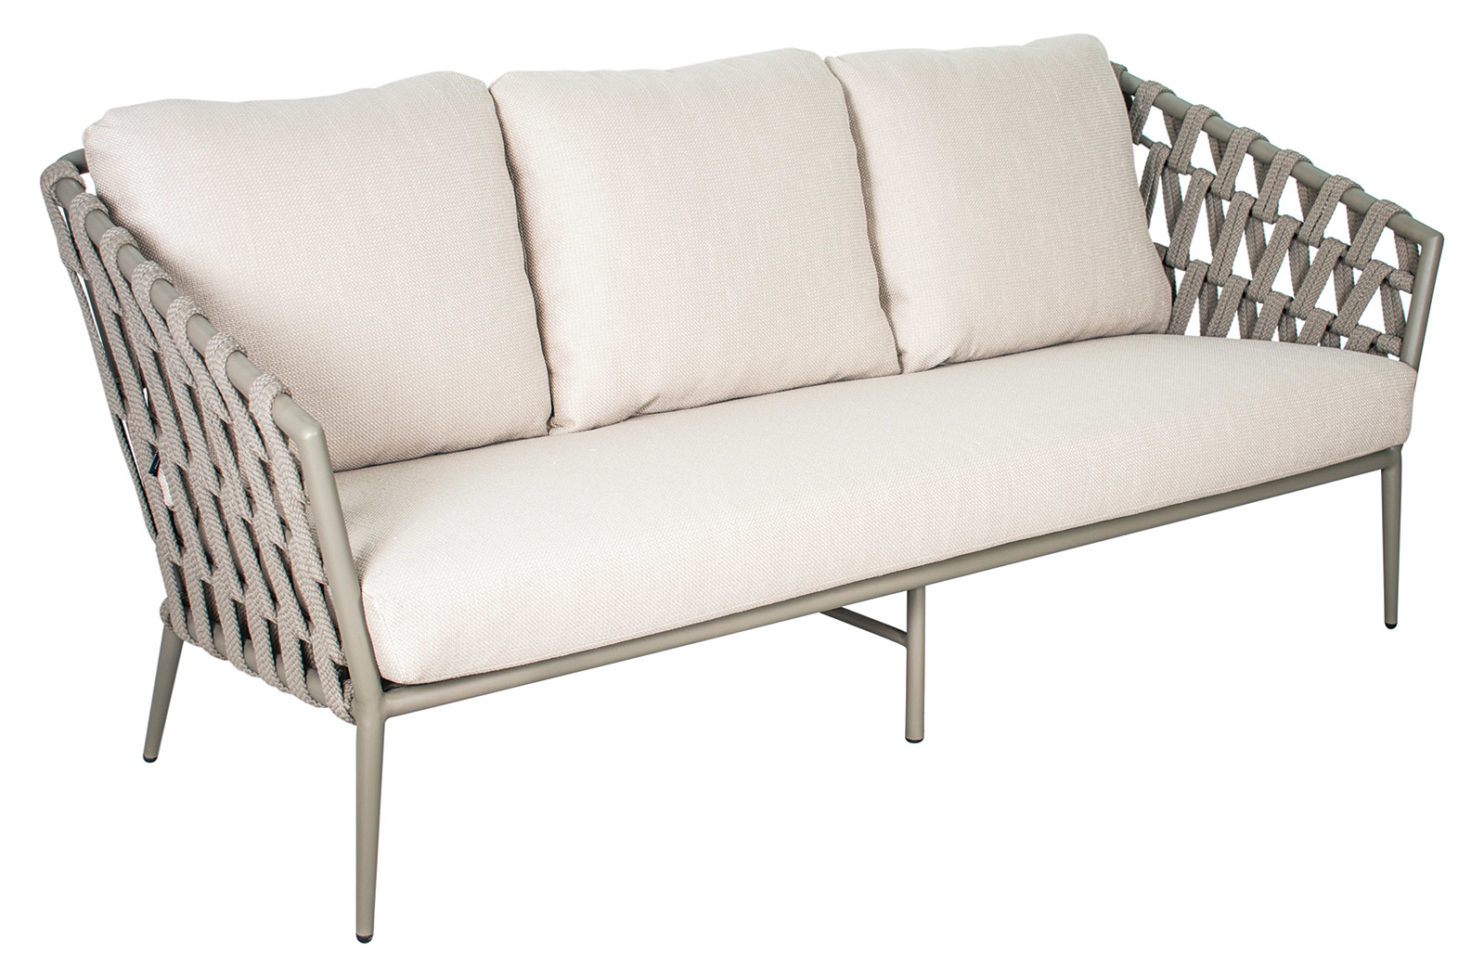 Archipelago andaman sofa 620FT066P2LGT 1 3Q